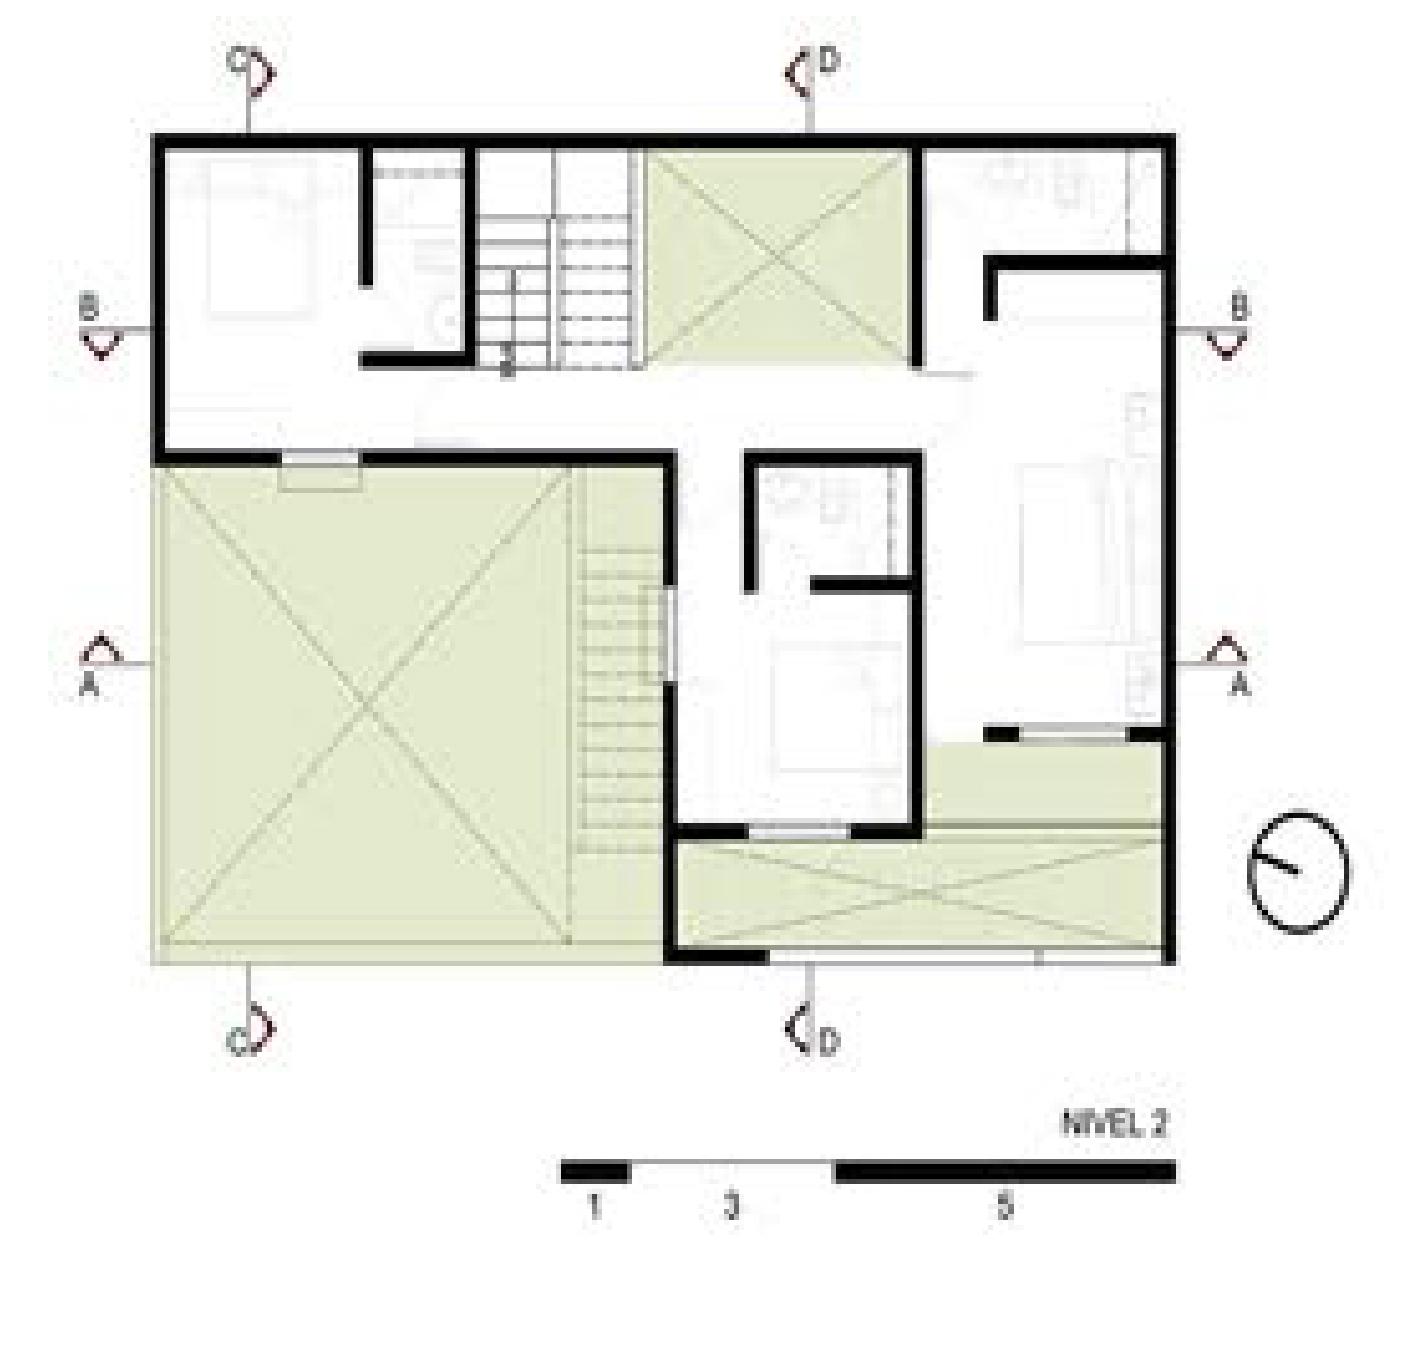 primer nivel-03